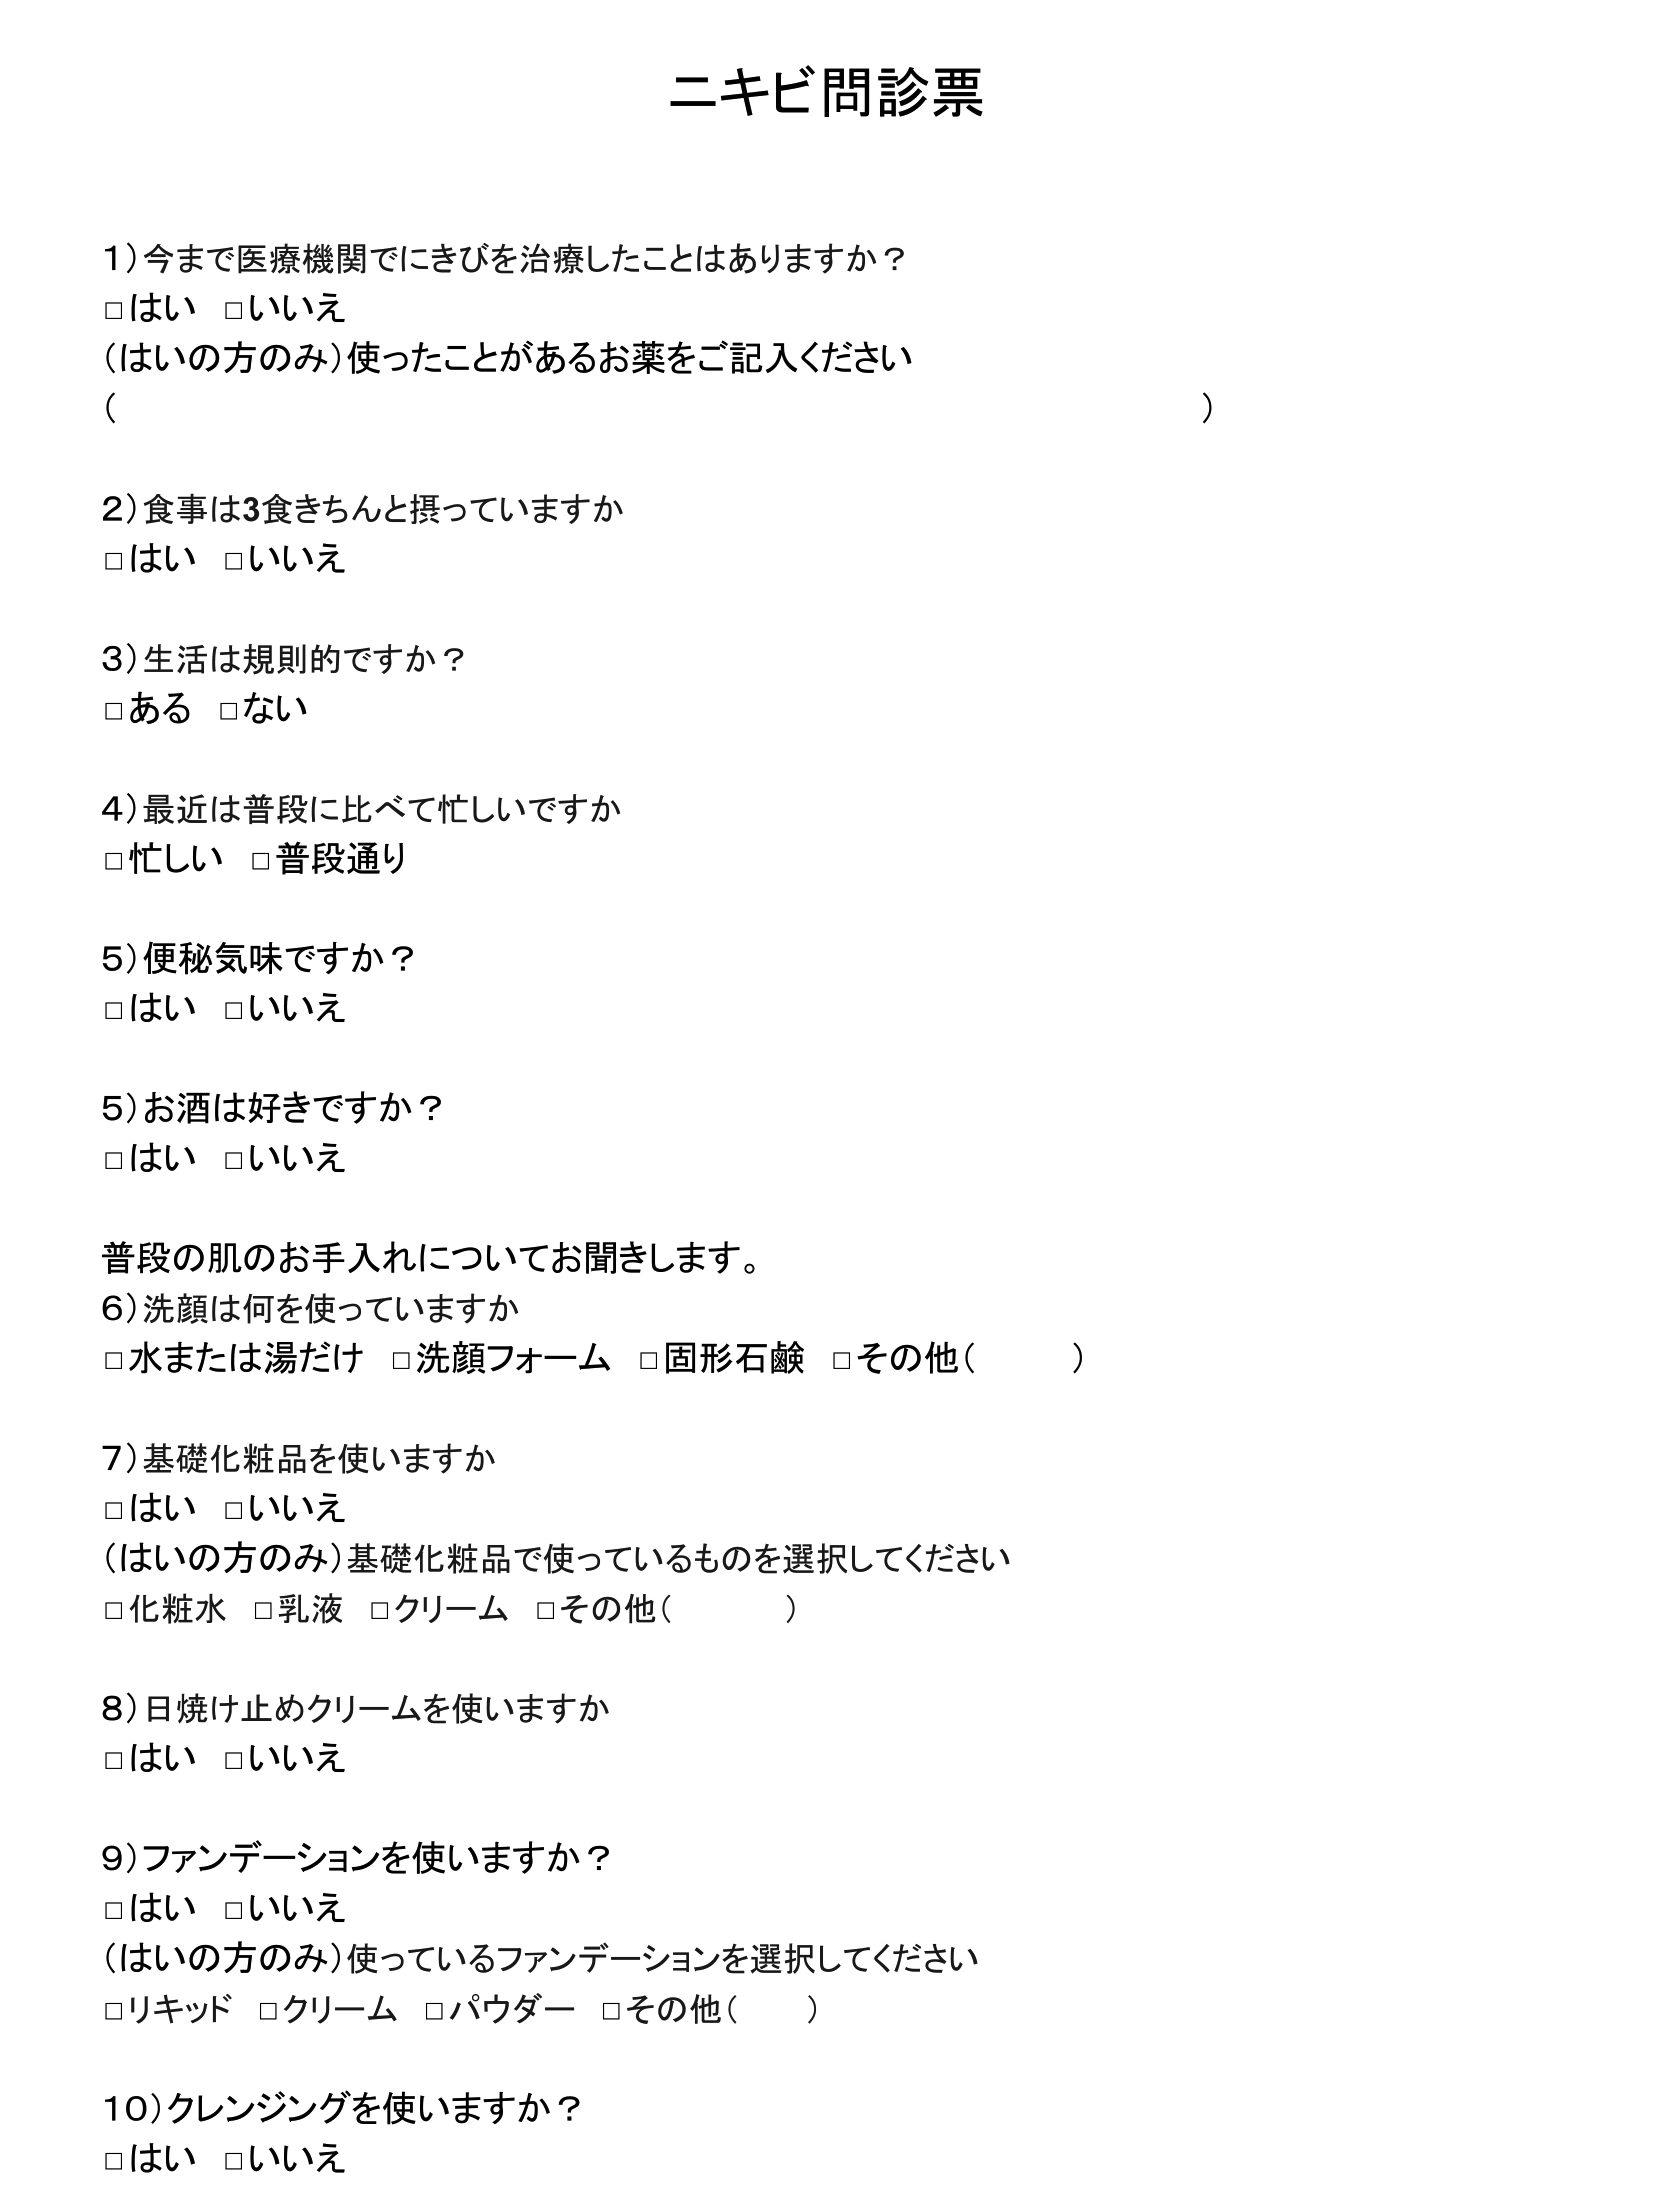 ニキビ問診票-1